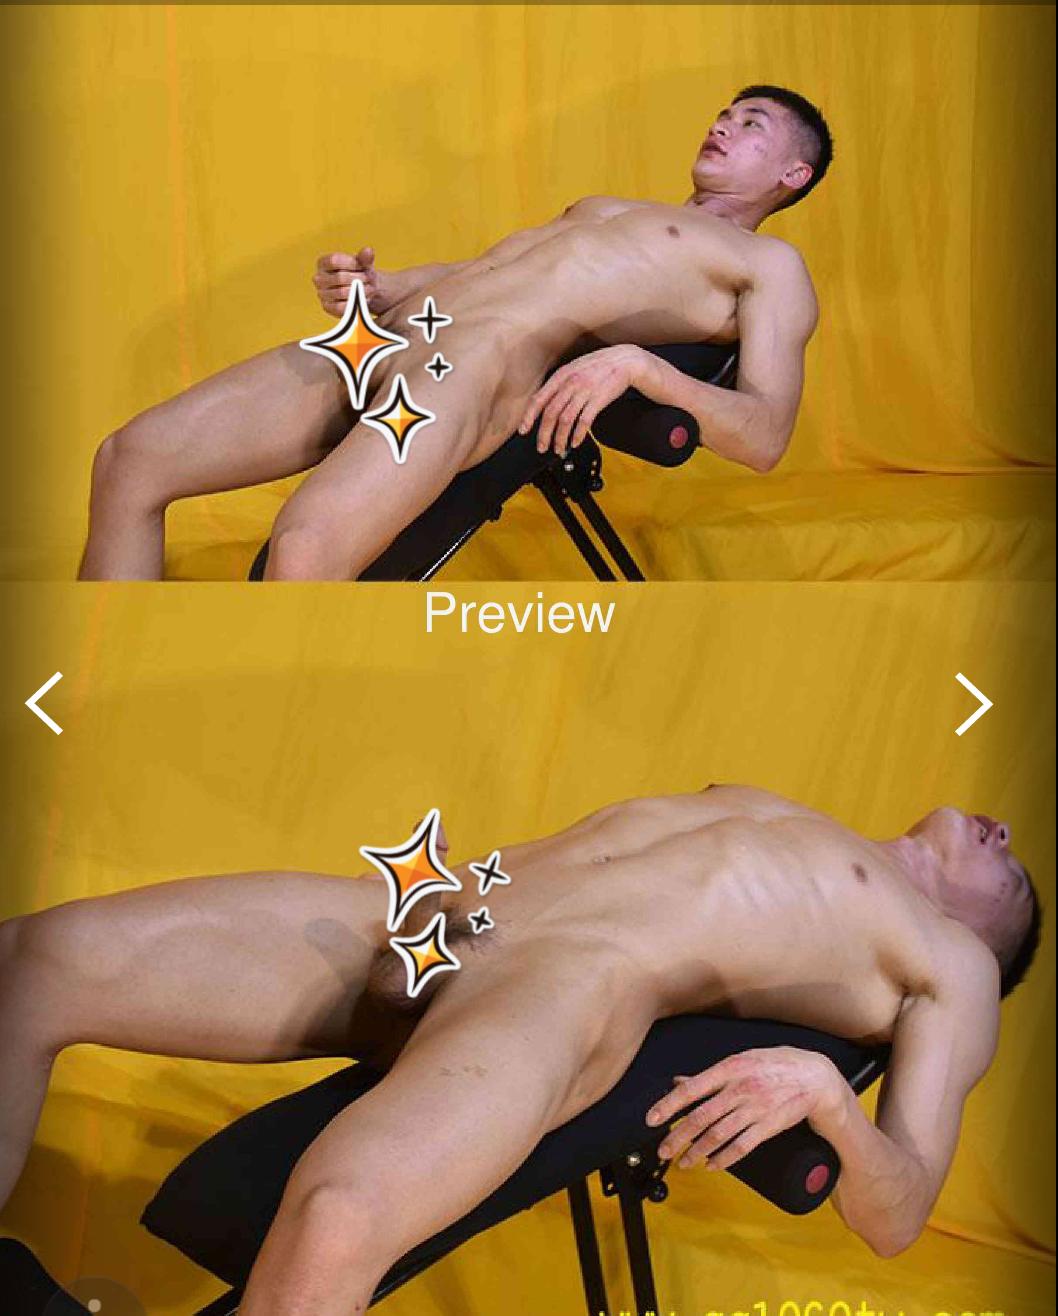 【ゲイ】●オナニー用おかず画像166●【専用】 [無断転載禁止]©bbspink.comYouTube動画>4本 ->画像>856枚